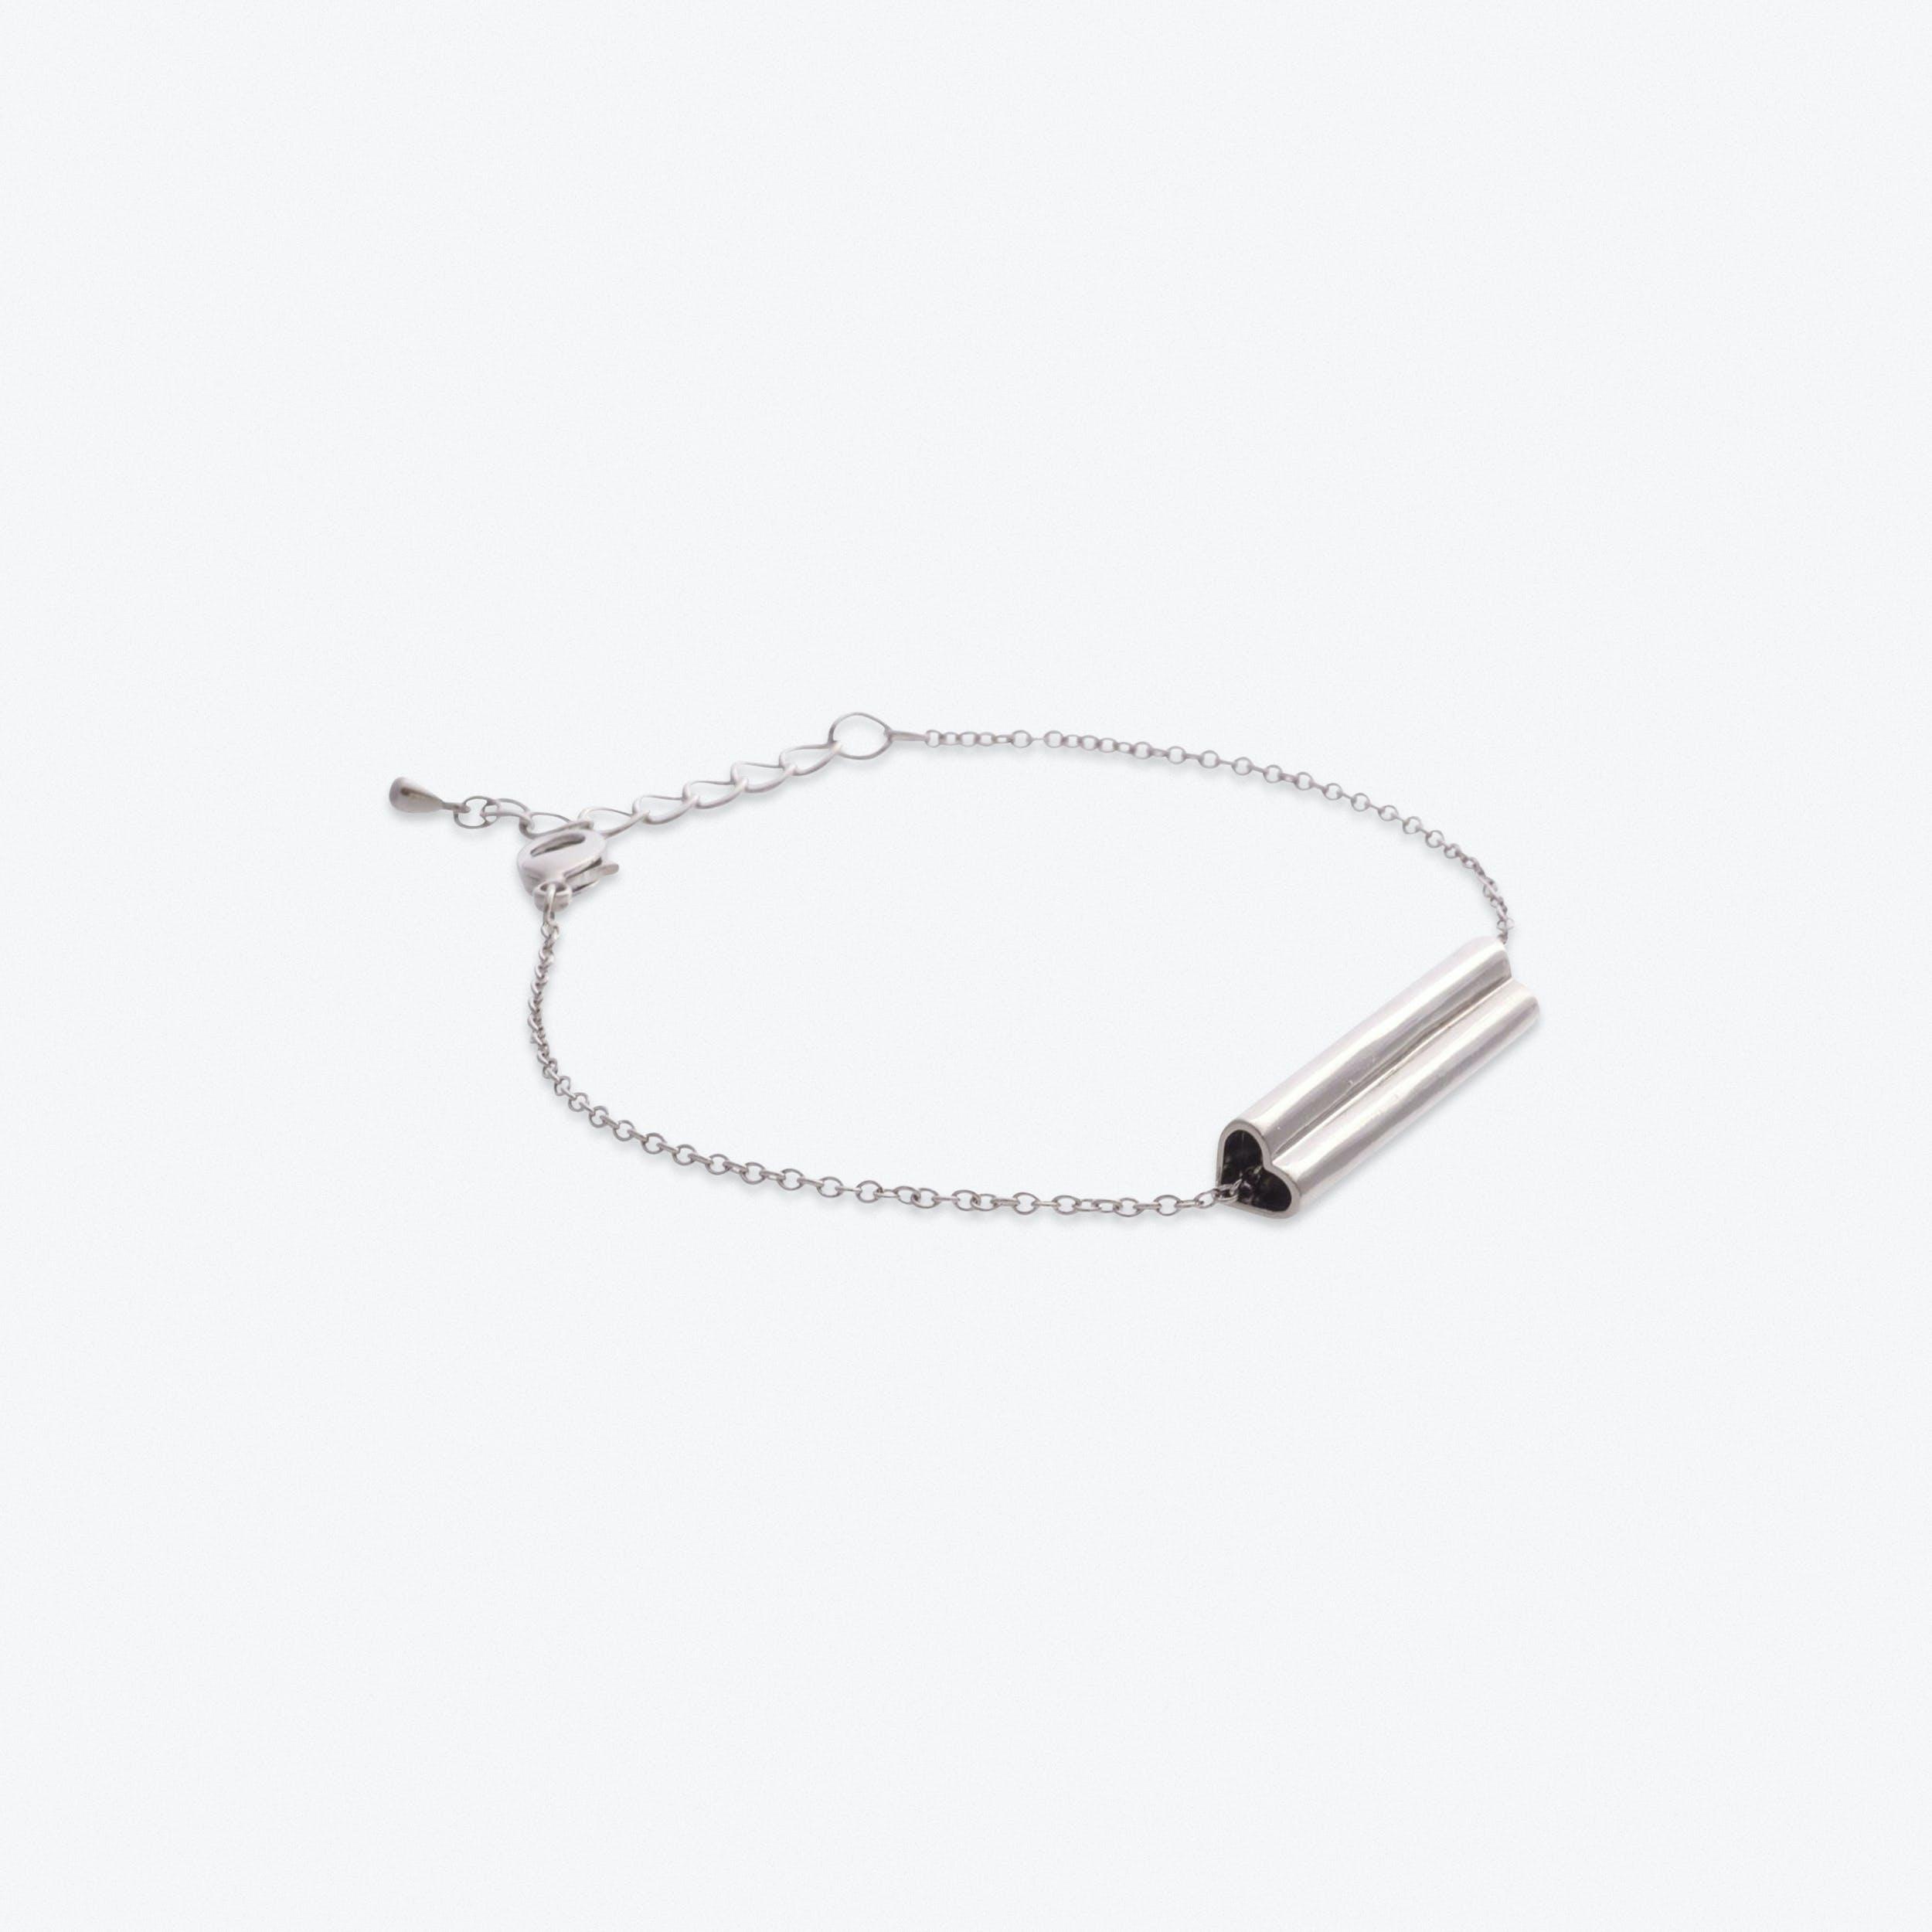 Heart Bar Bracelet in White Gold